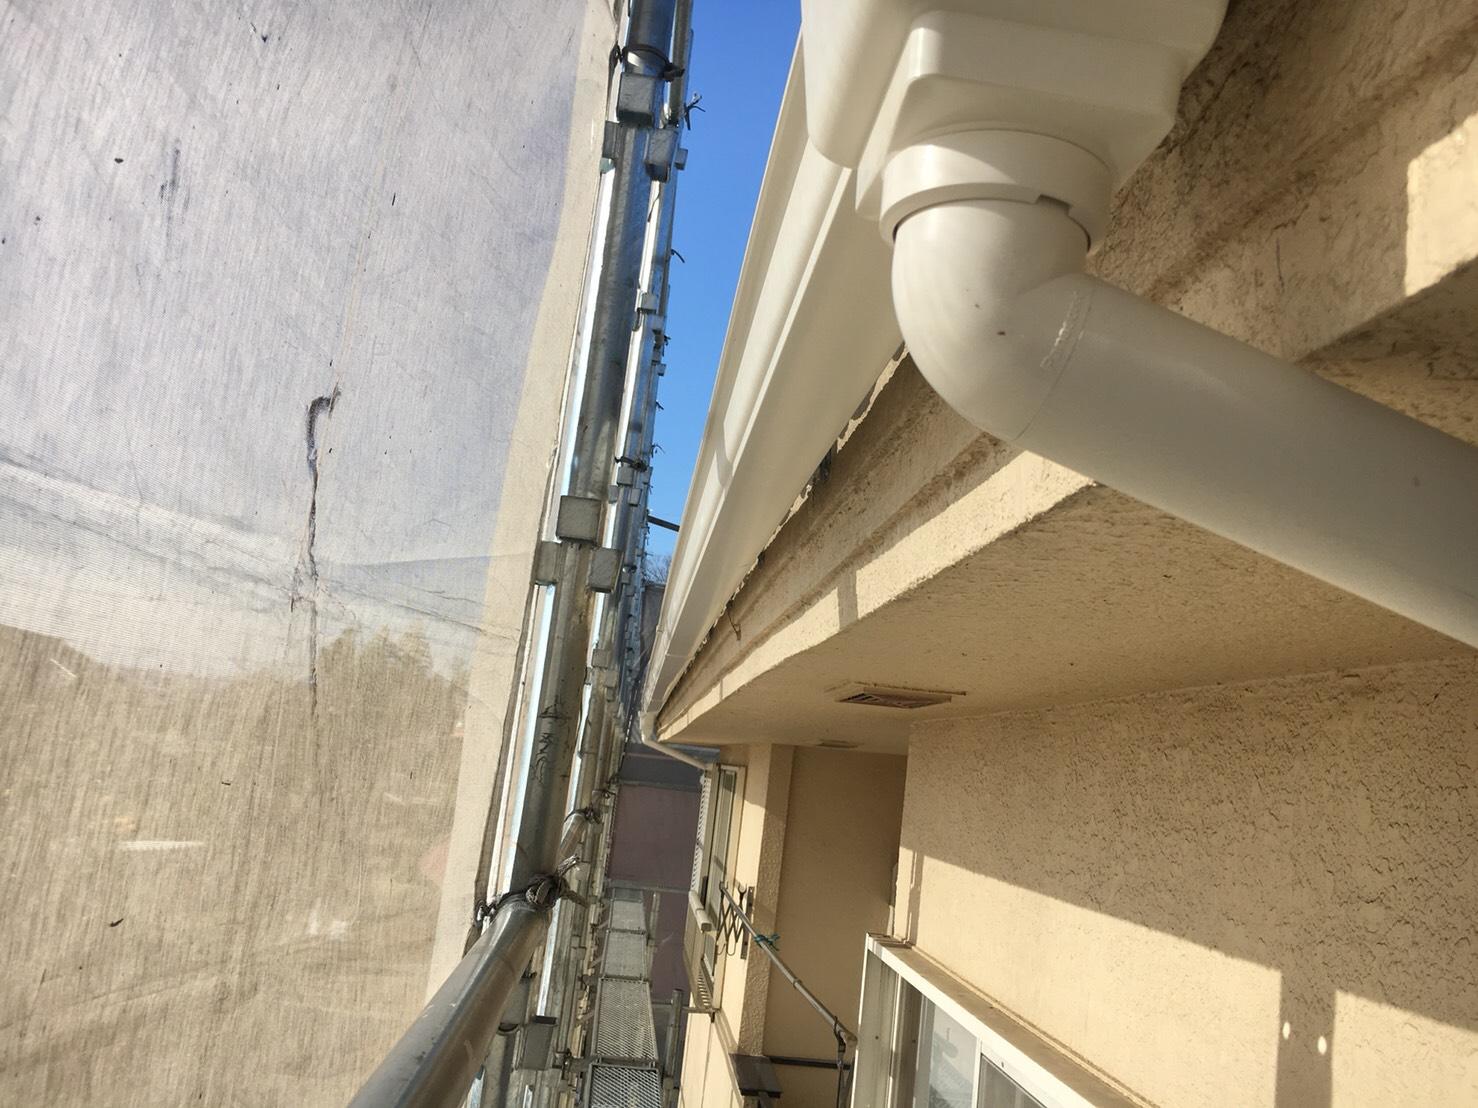 瓦屋根の修繕工事|埼玉県越谷市のS様邸にてリフォーム